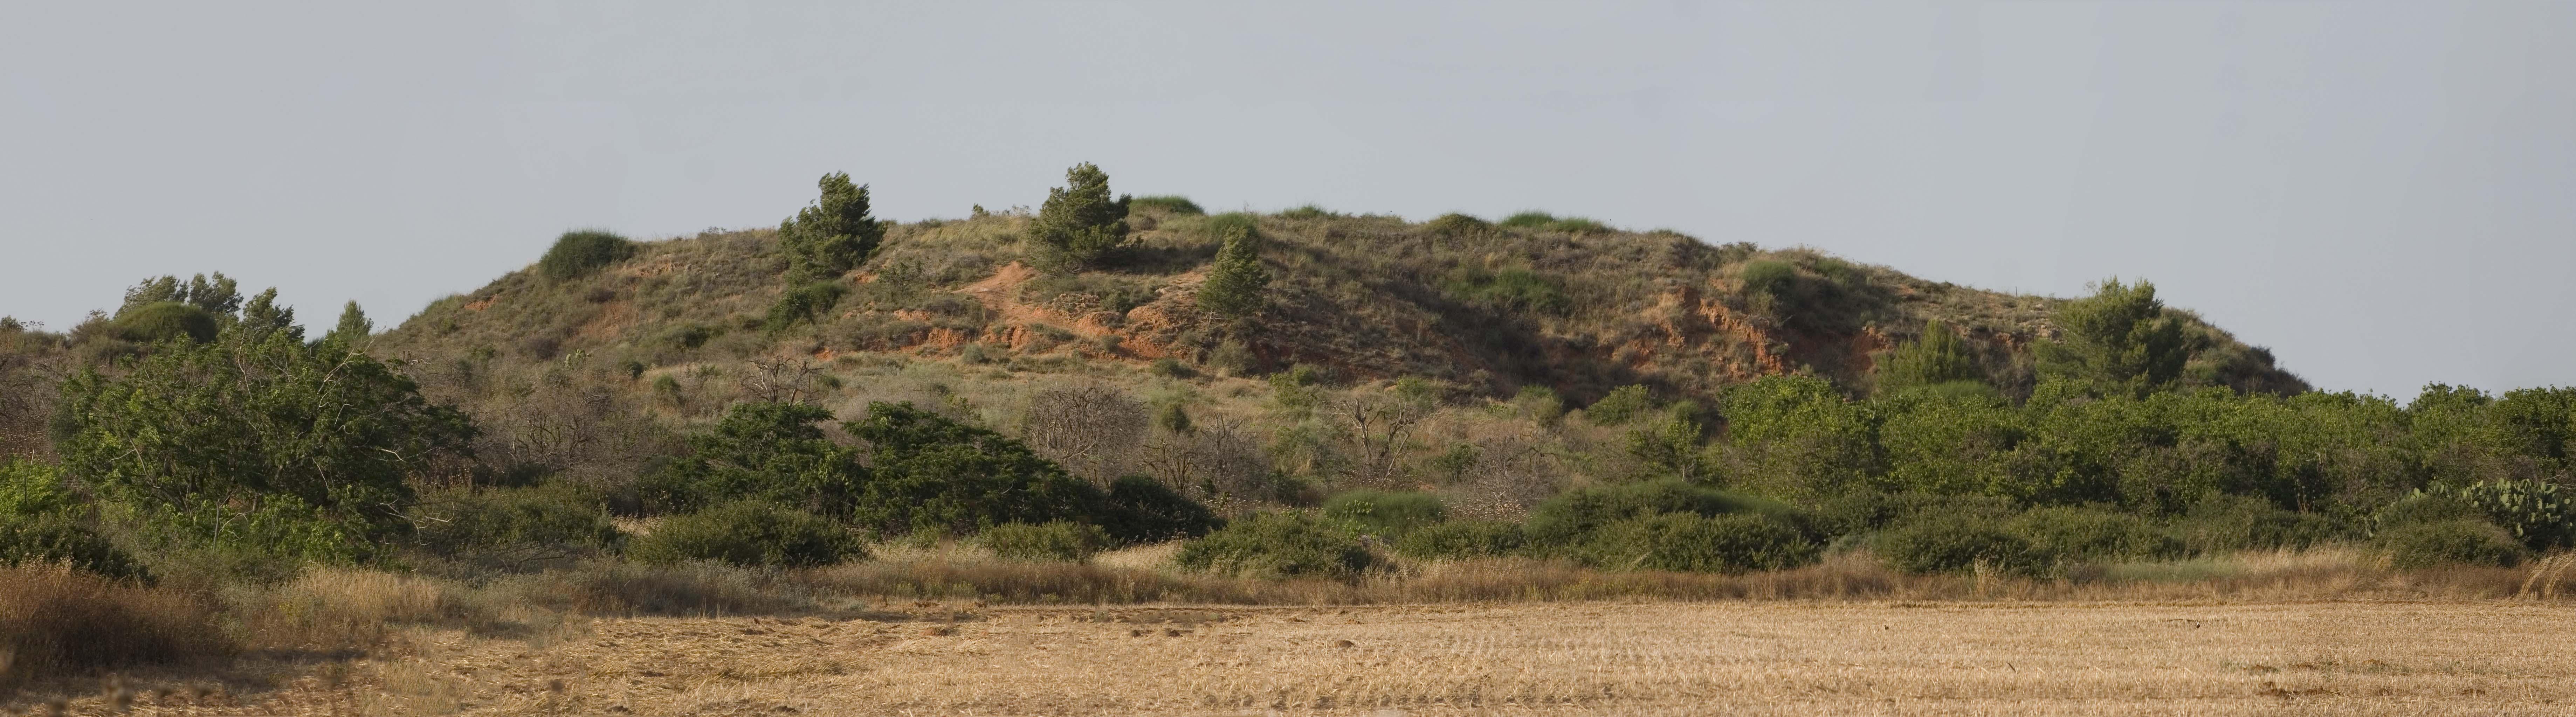 המקור של רדהיל: הגבעה האדומה